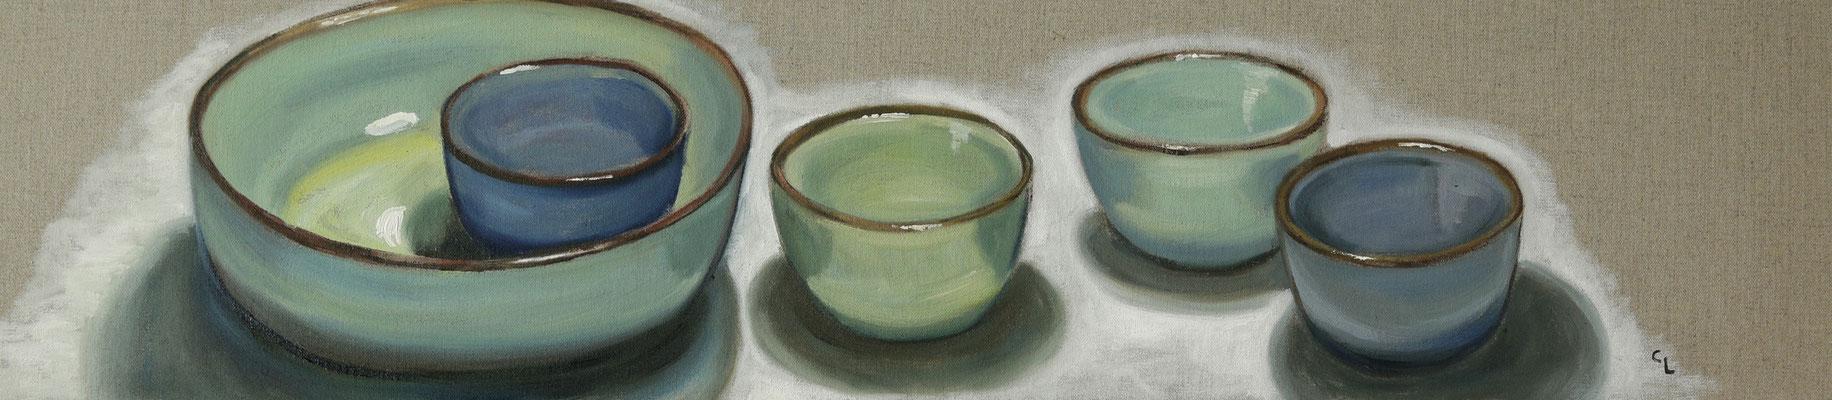 """""""Schalen in grün und blau, Öl auf Leinen, 20x100cm, 2020"""